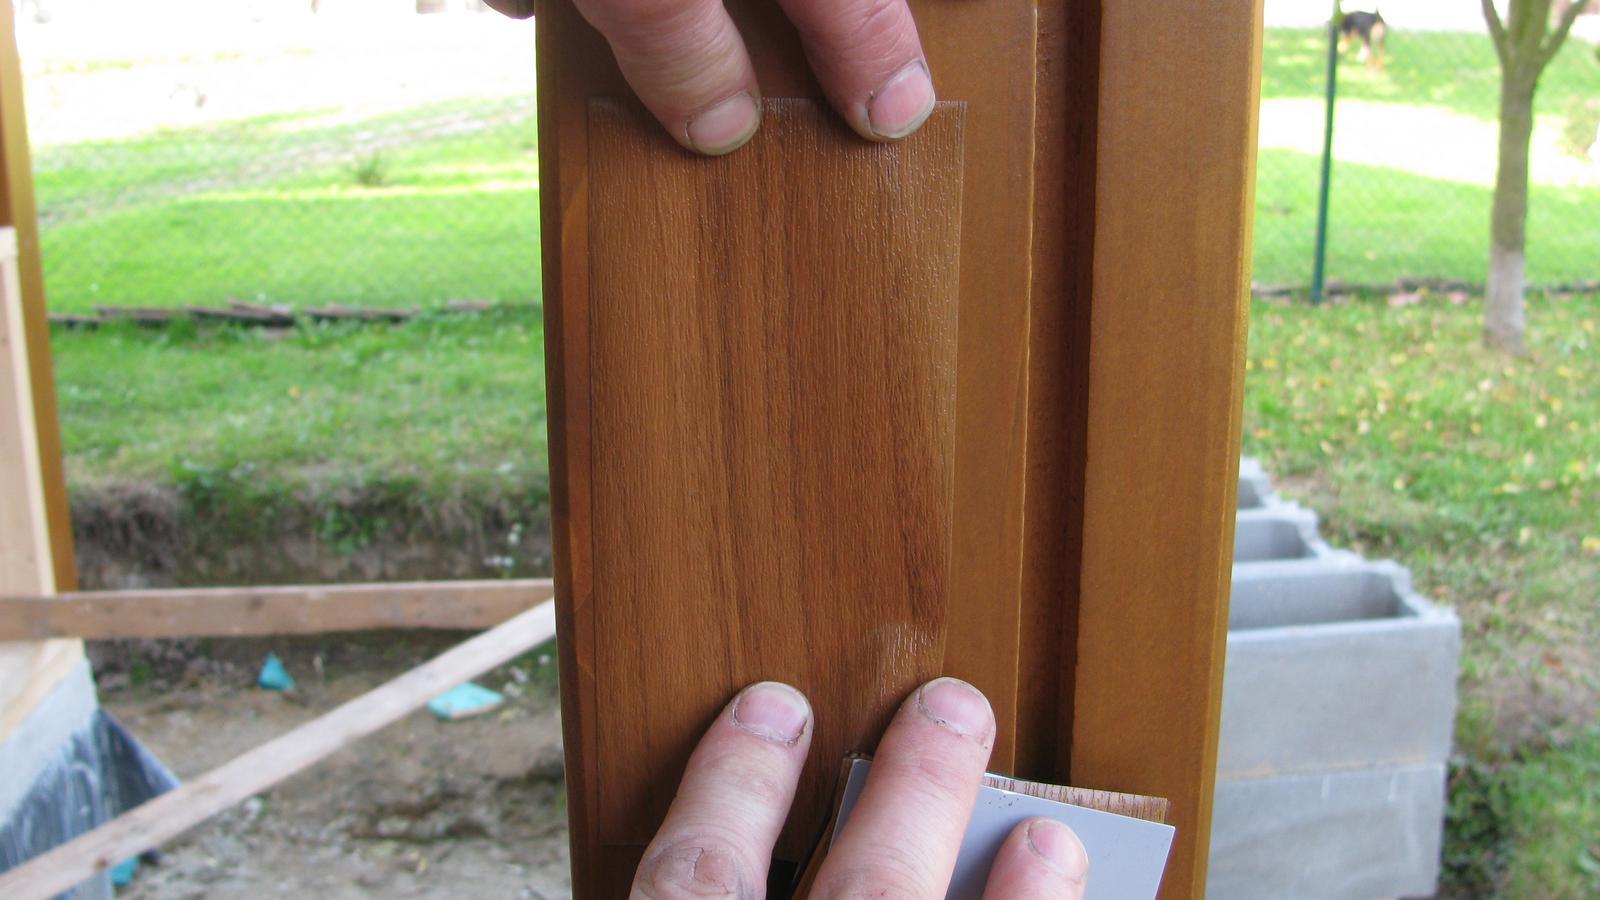 Naše DOMA 🏠 - folie na garážová vrata vybraná :-) , nejbližší odstín